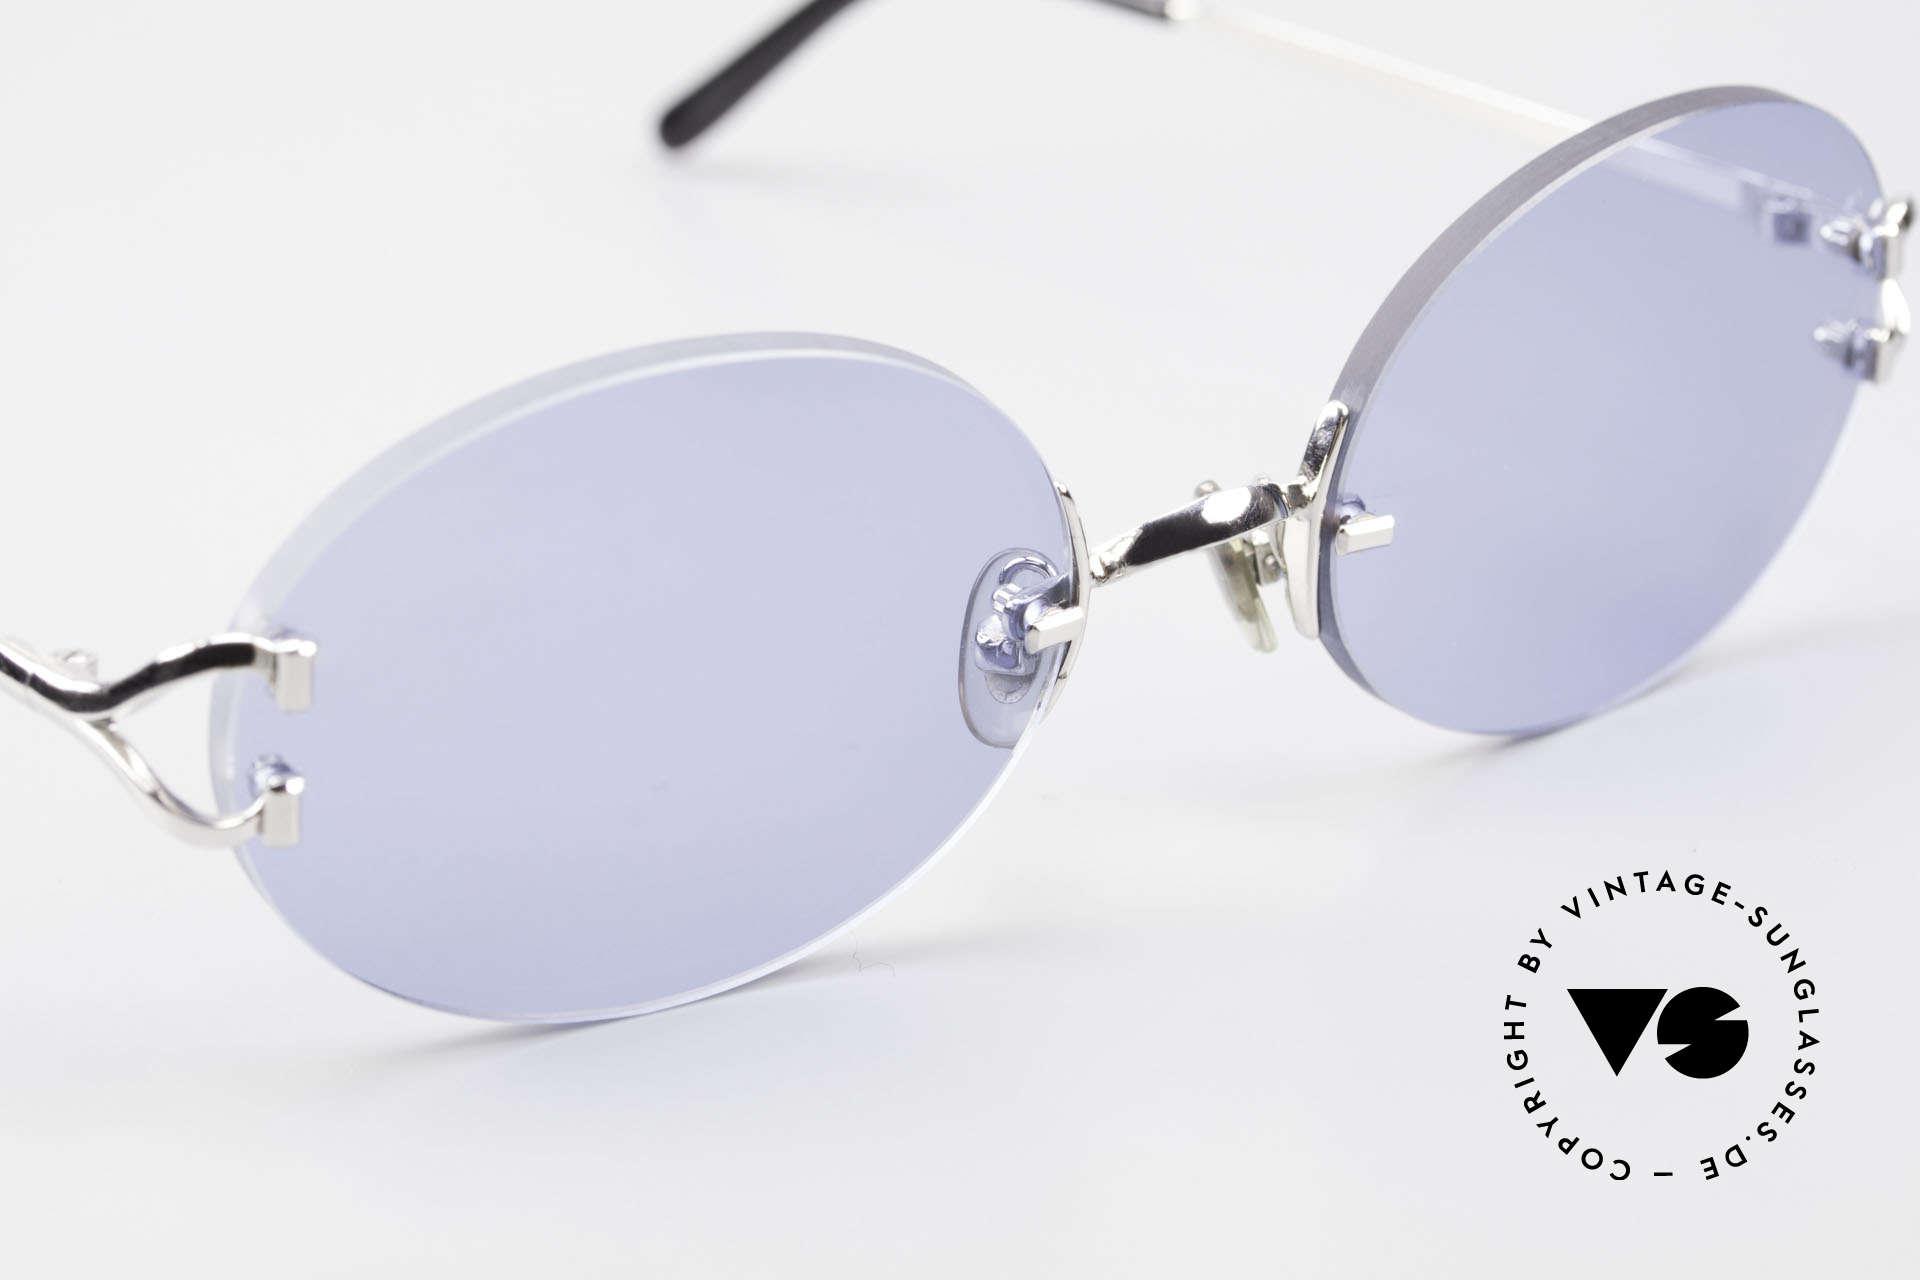 Cartier Rimless Giverny Ovale Randlose Luxusbrille, 2.hand Modell im neuwertigen Zustand + Cartier Box, Passend für Herren und Damen